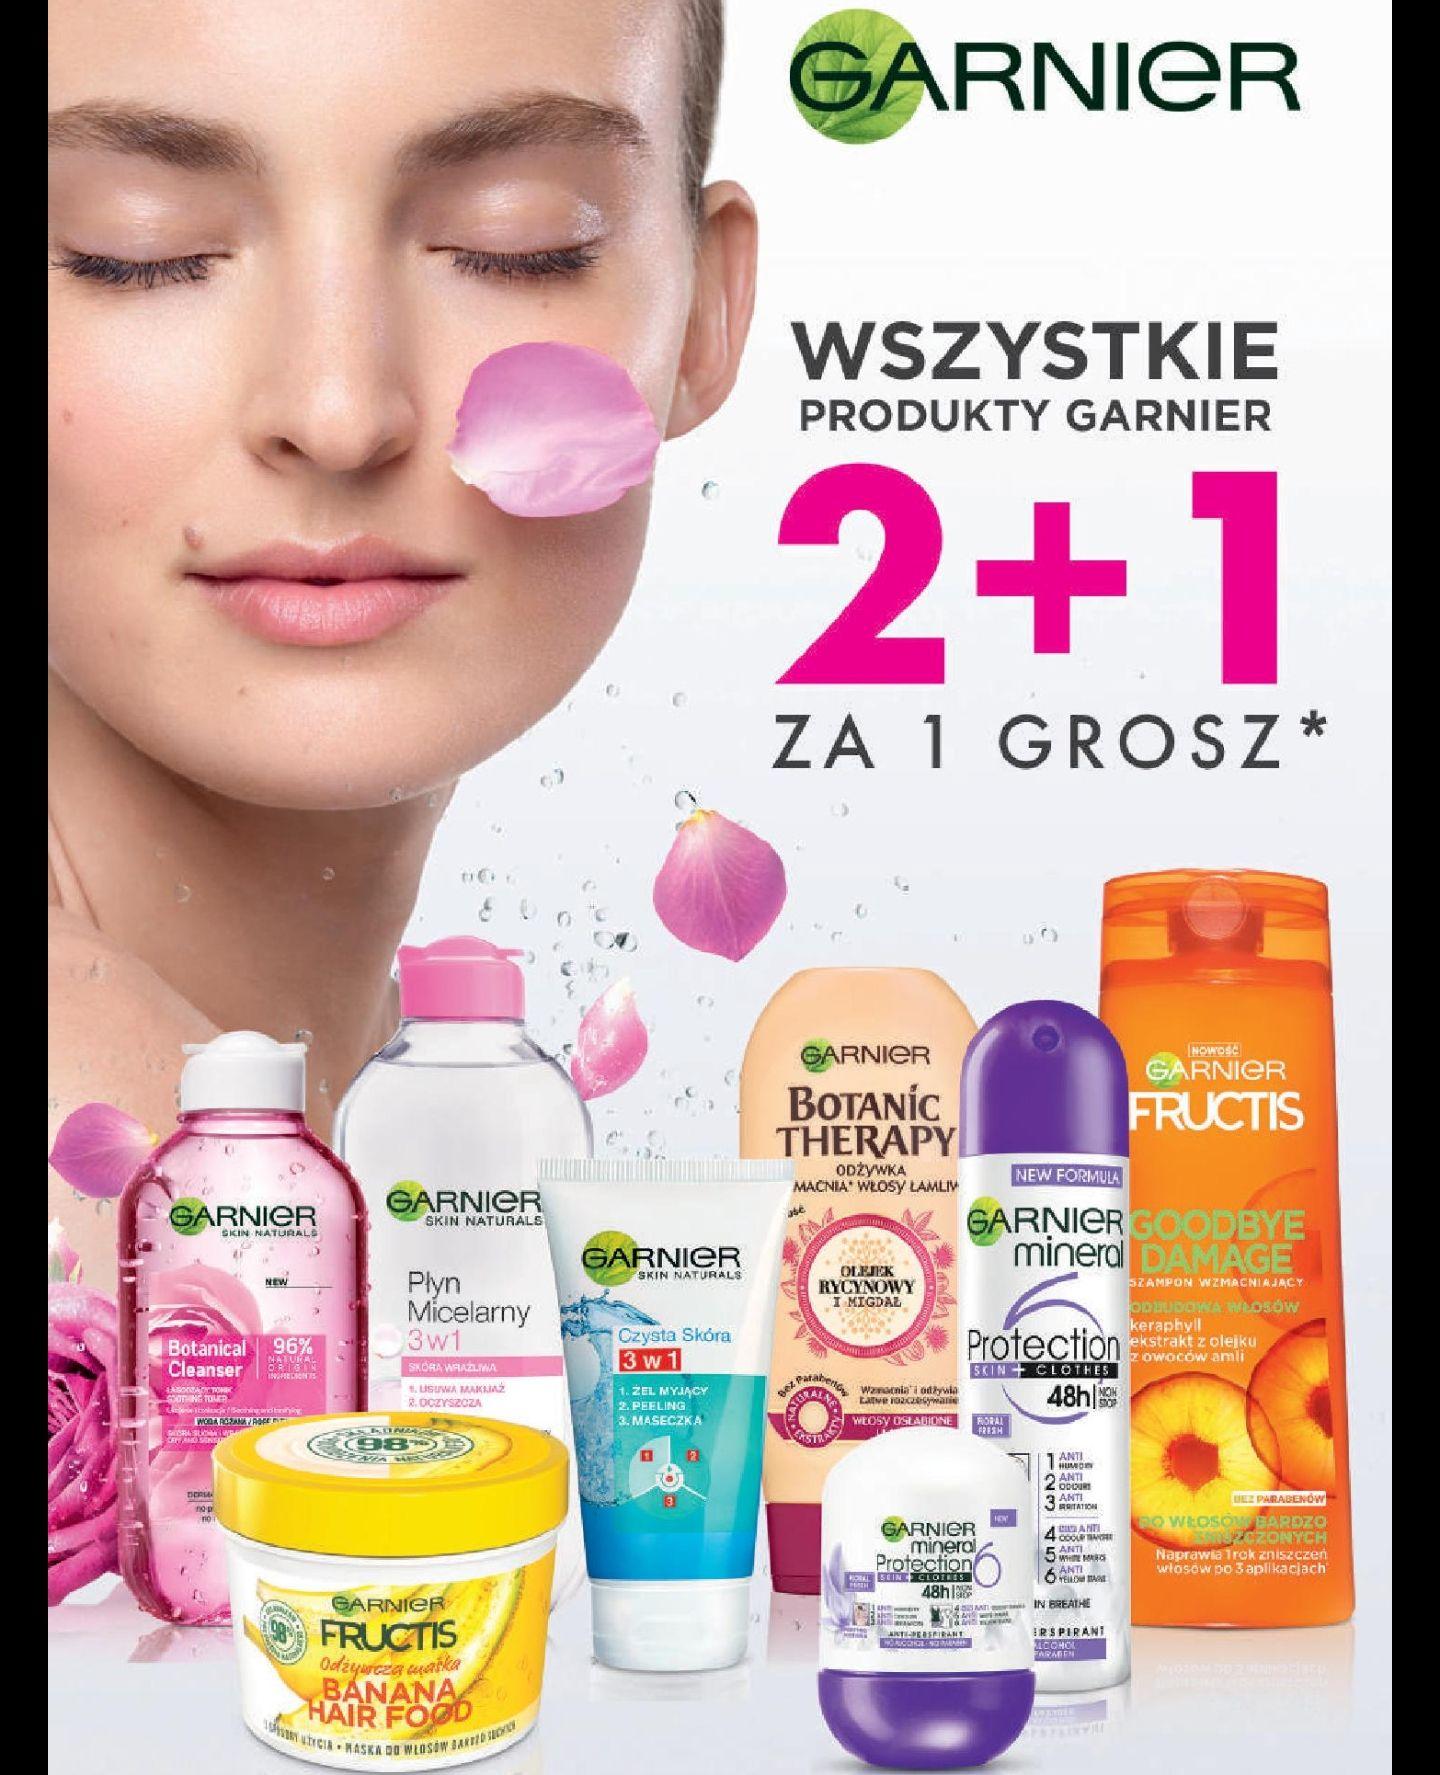 Wszystkie* produkty Garnier 2+1 za 1 grosz w drogerii Natura